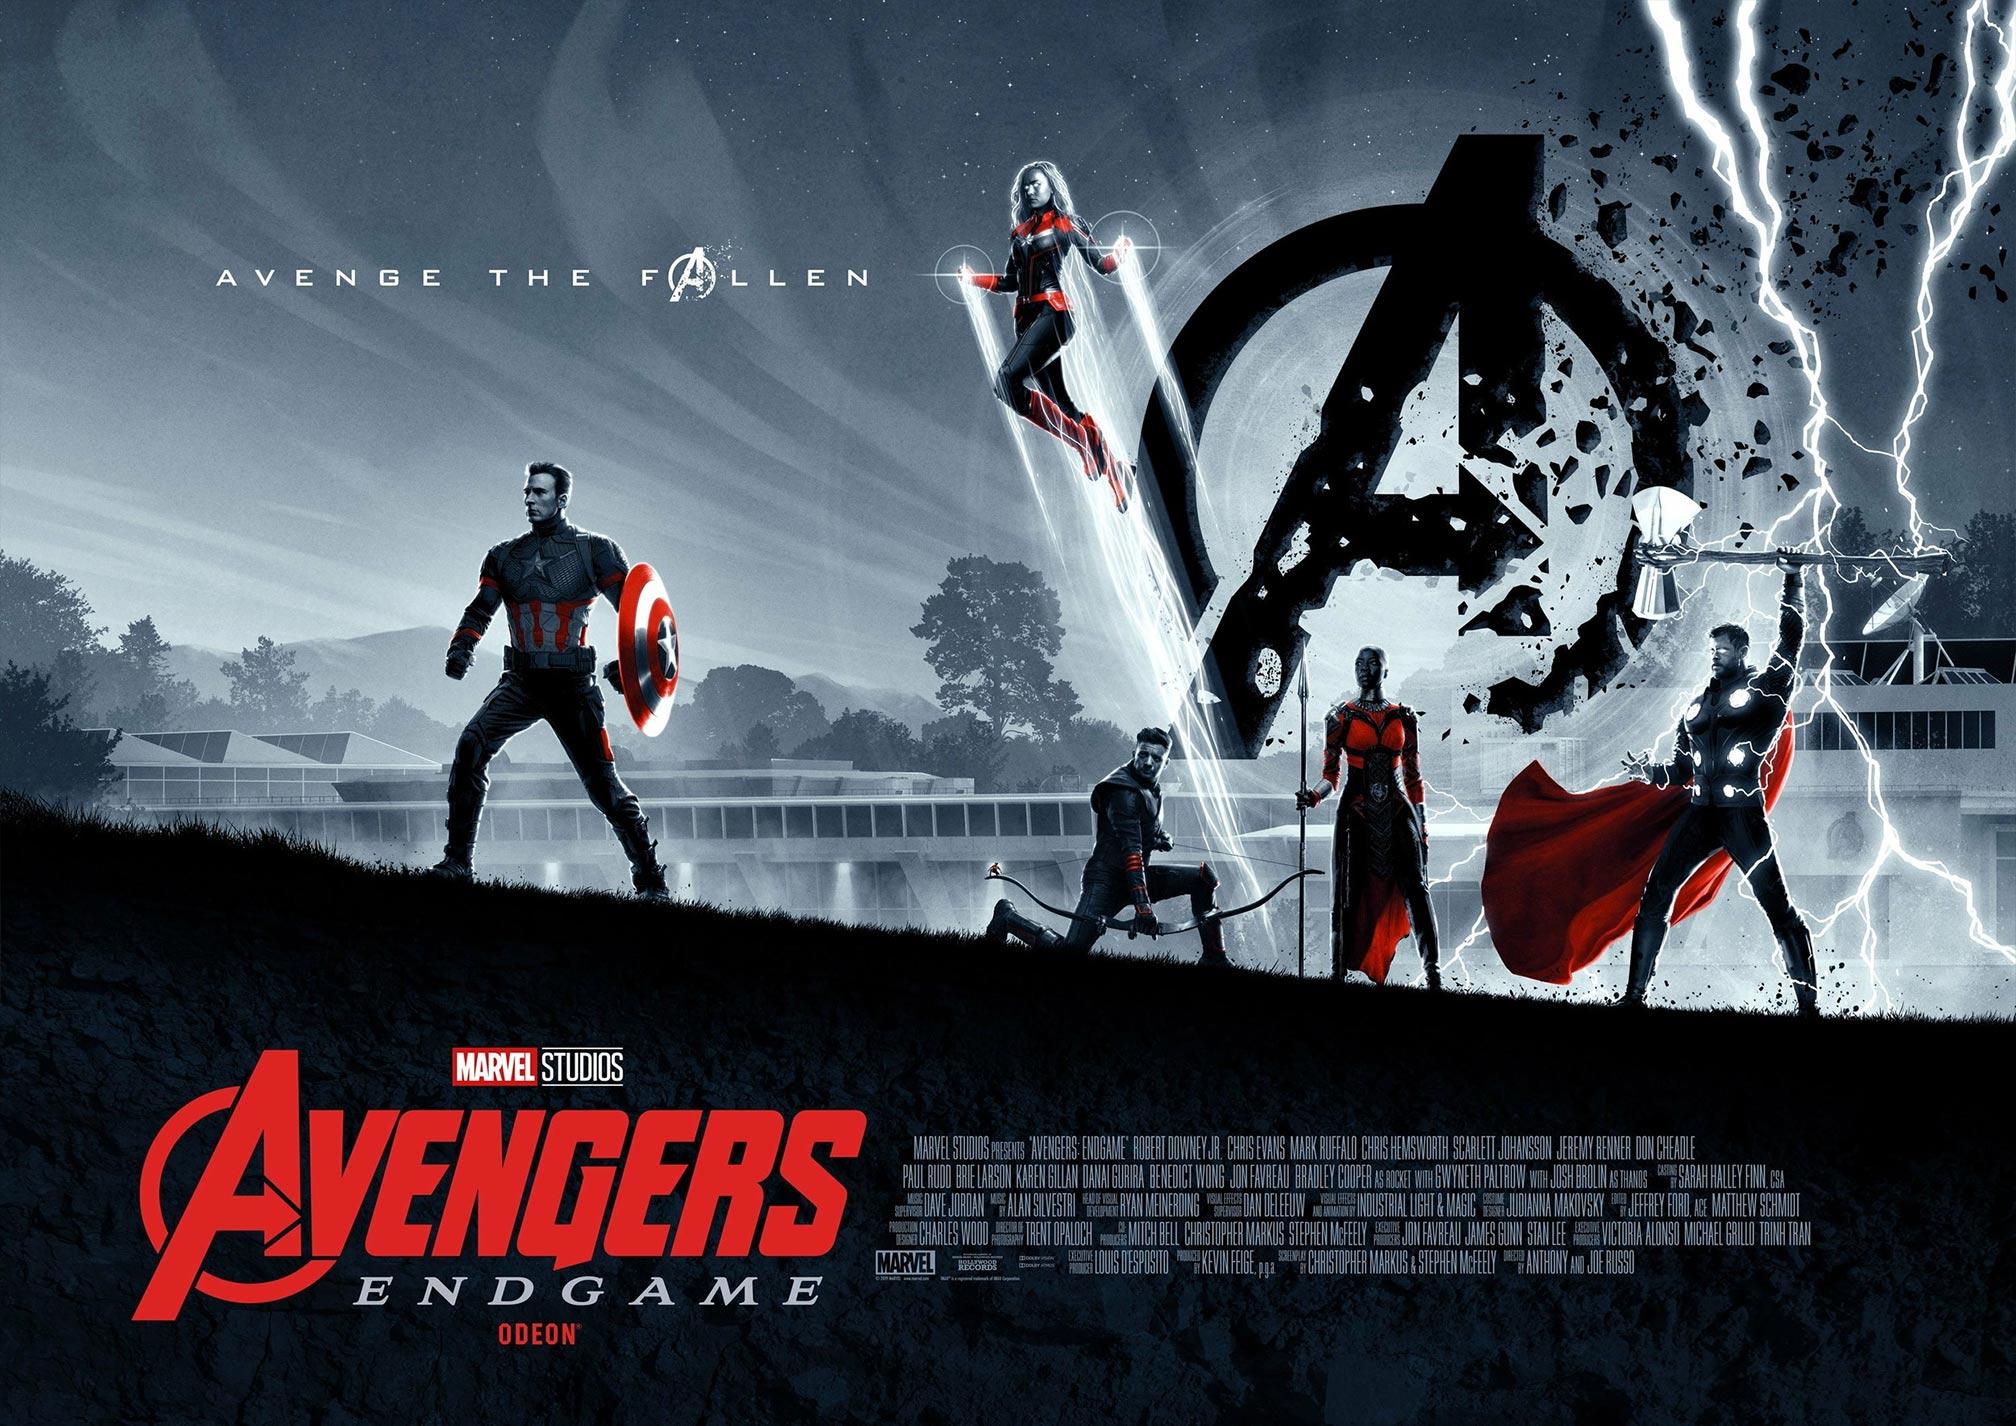 Avengers: Endgame Poster #38